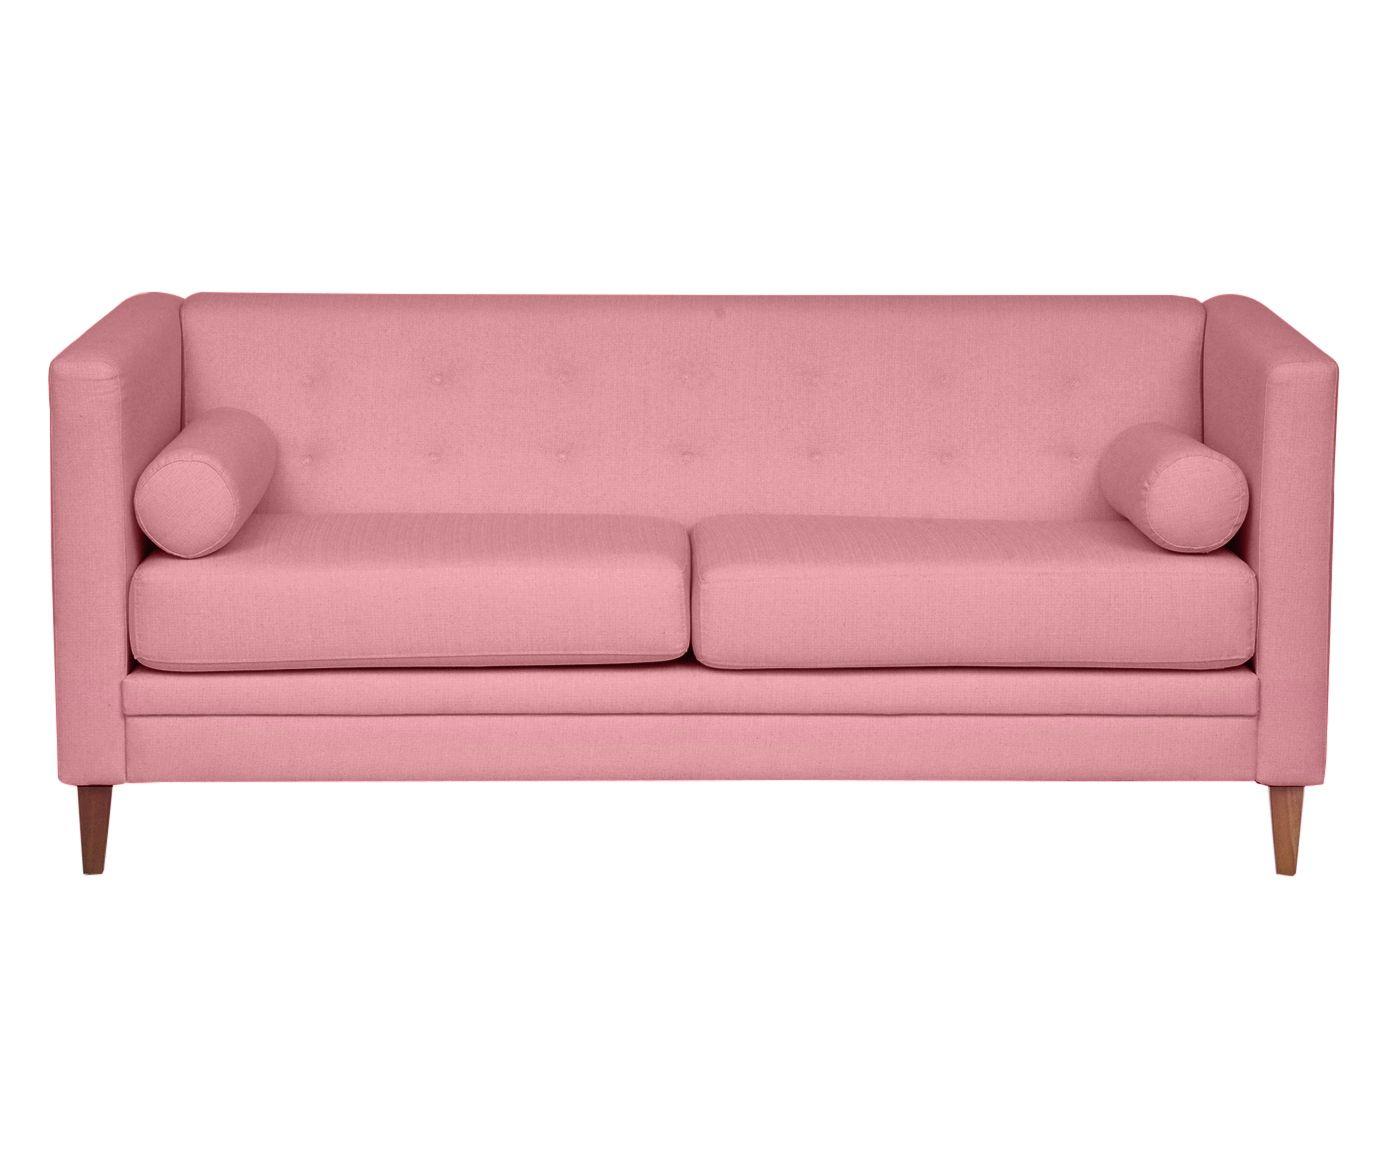 Sofá em Linho Clementine Rosa Flamingo - 180X76X83cm   Westwing.com.br